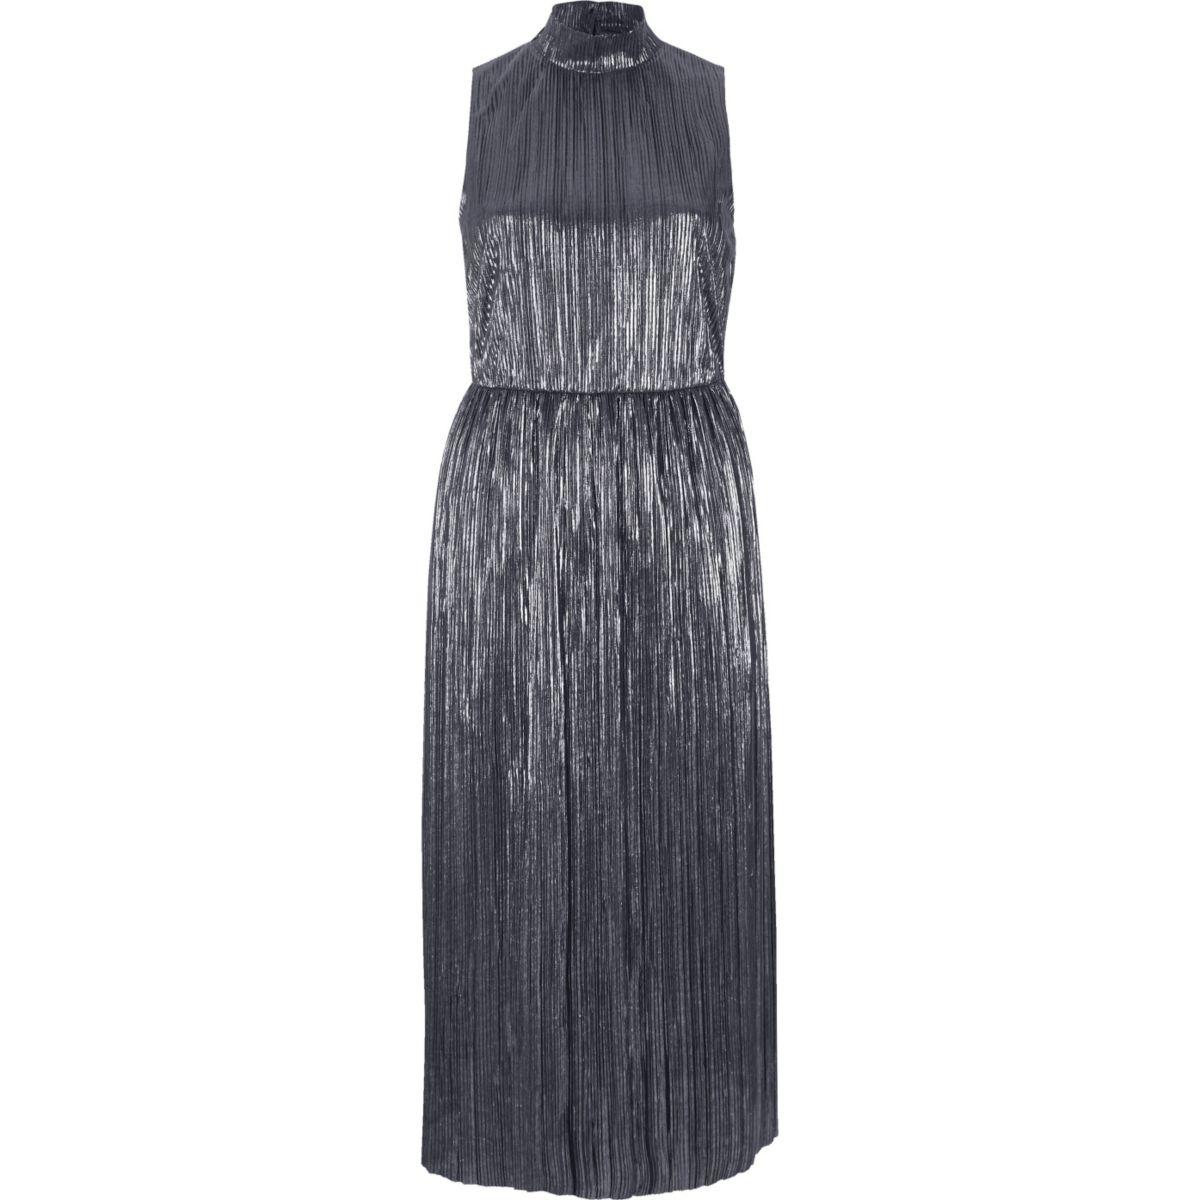 Robe mi-longue argentée plissée à col cheminée